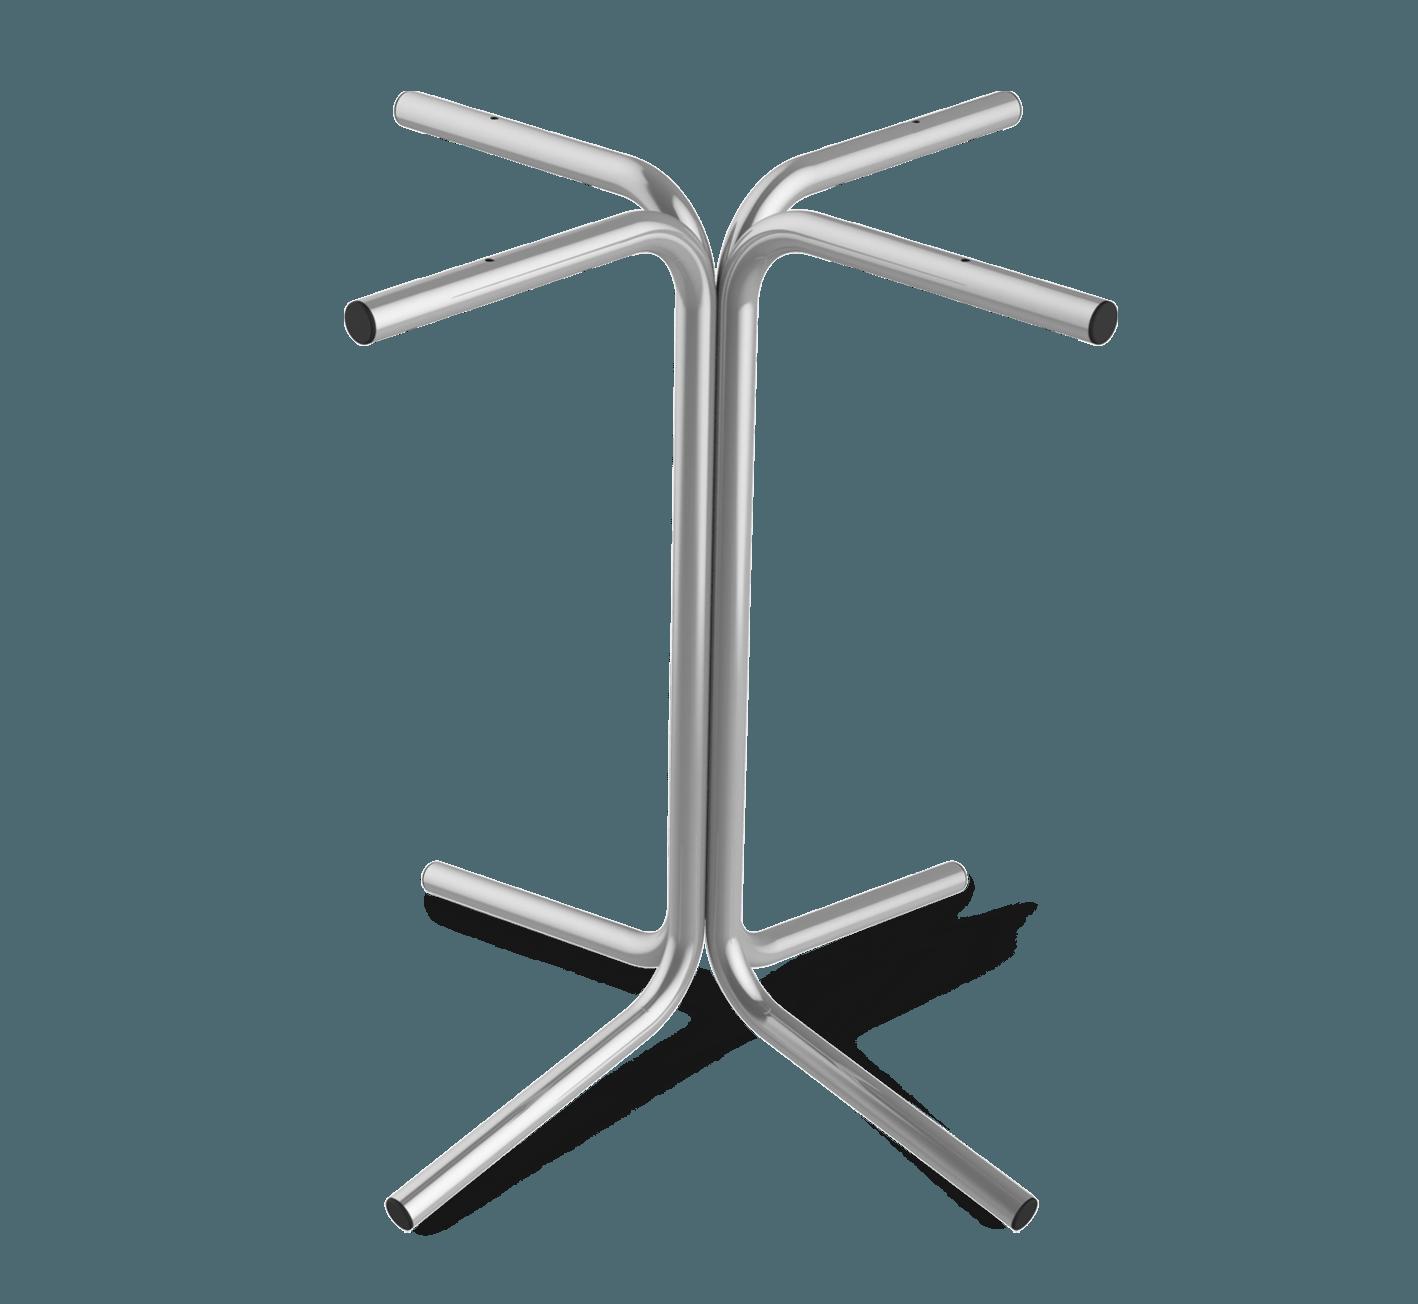 Подстолье металлическое SH-7 для улицы